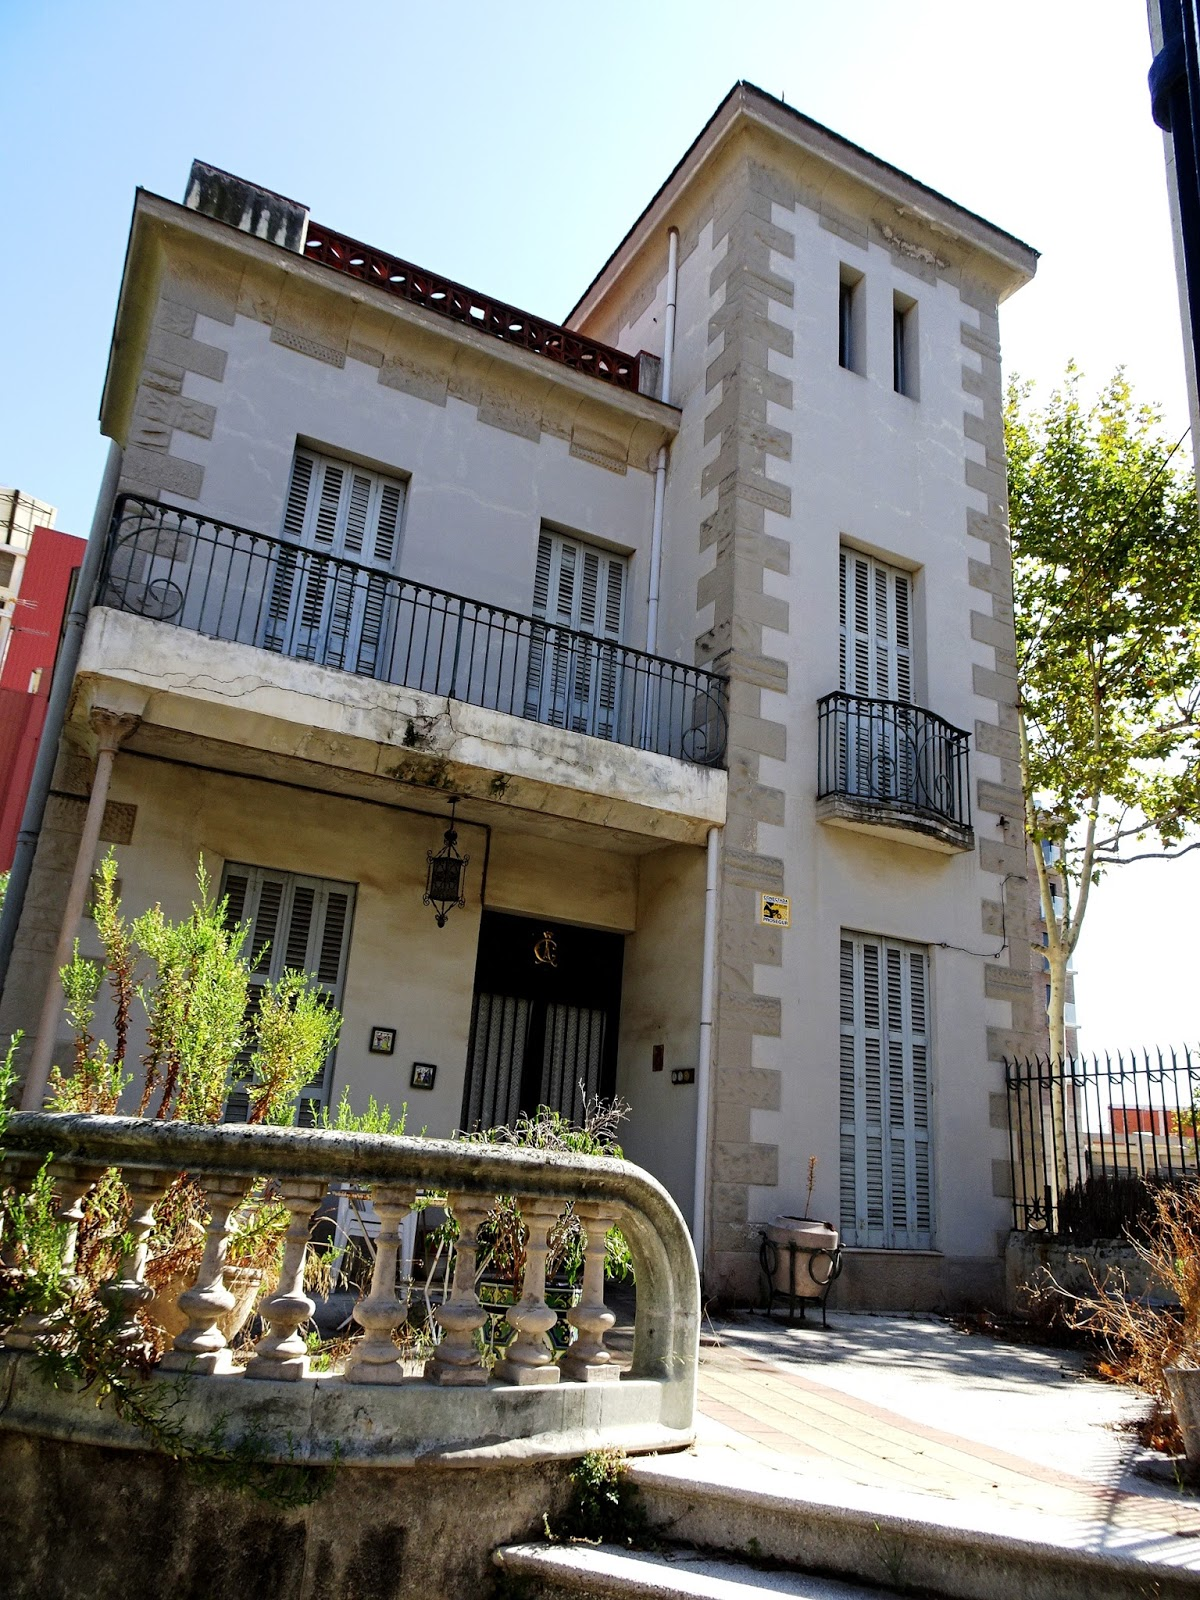 Redescubriendo barcelona y m s all 02 09 2017 badalona - Casa jardin badalona ...